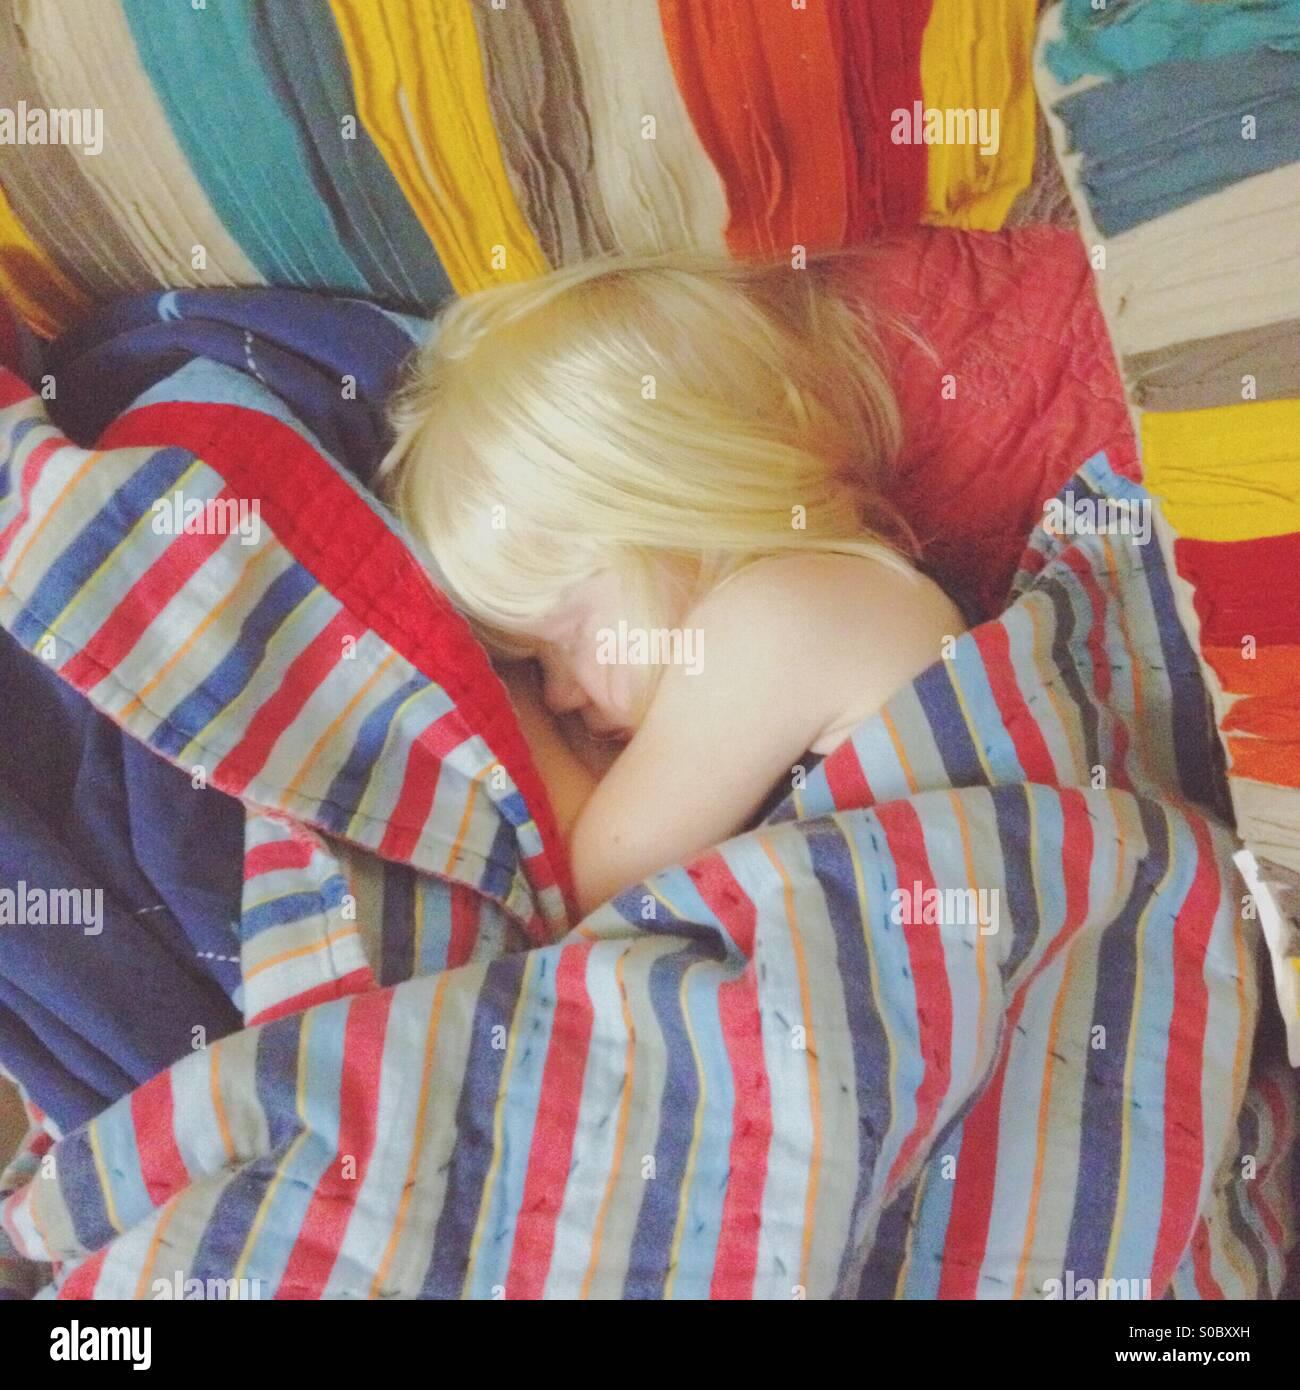 Joven chica rubia dormido envuelto en una serie de coloridas mantas. Imagen De Stock